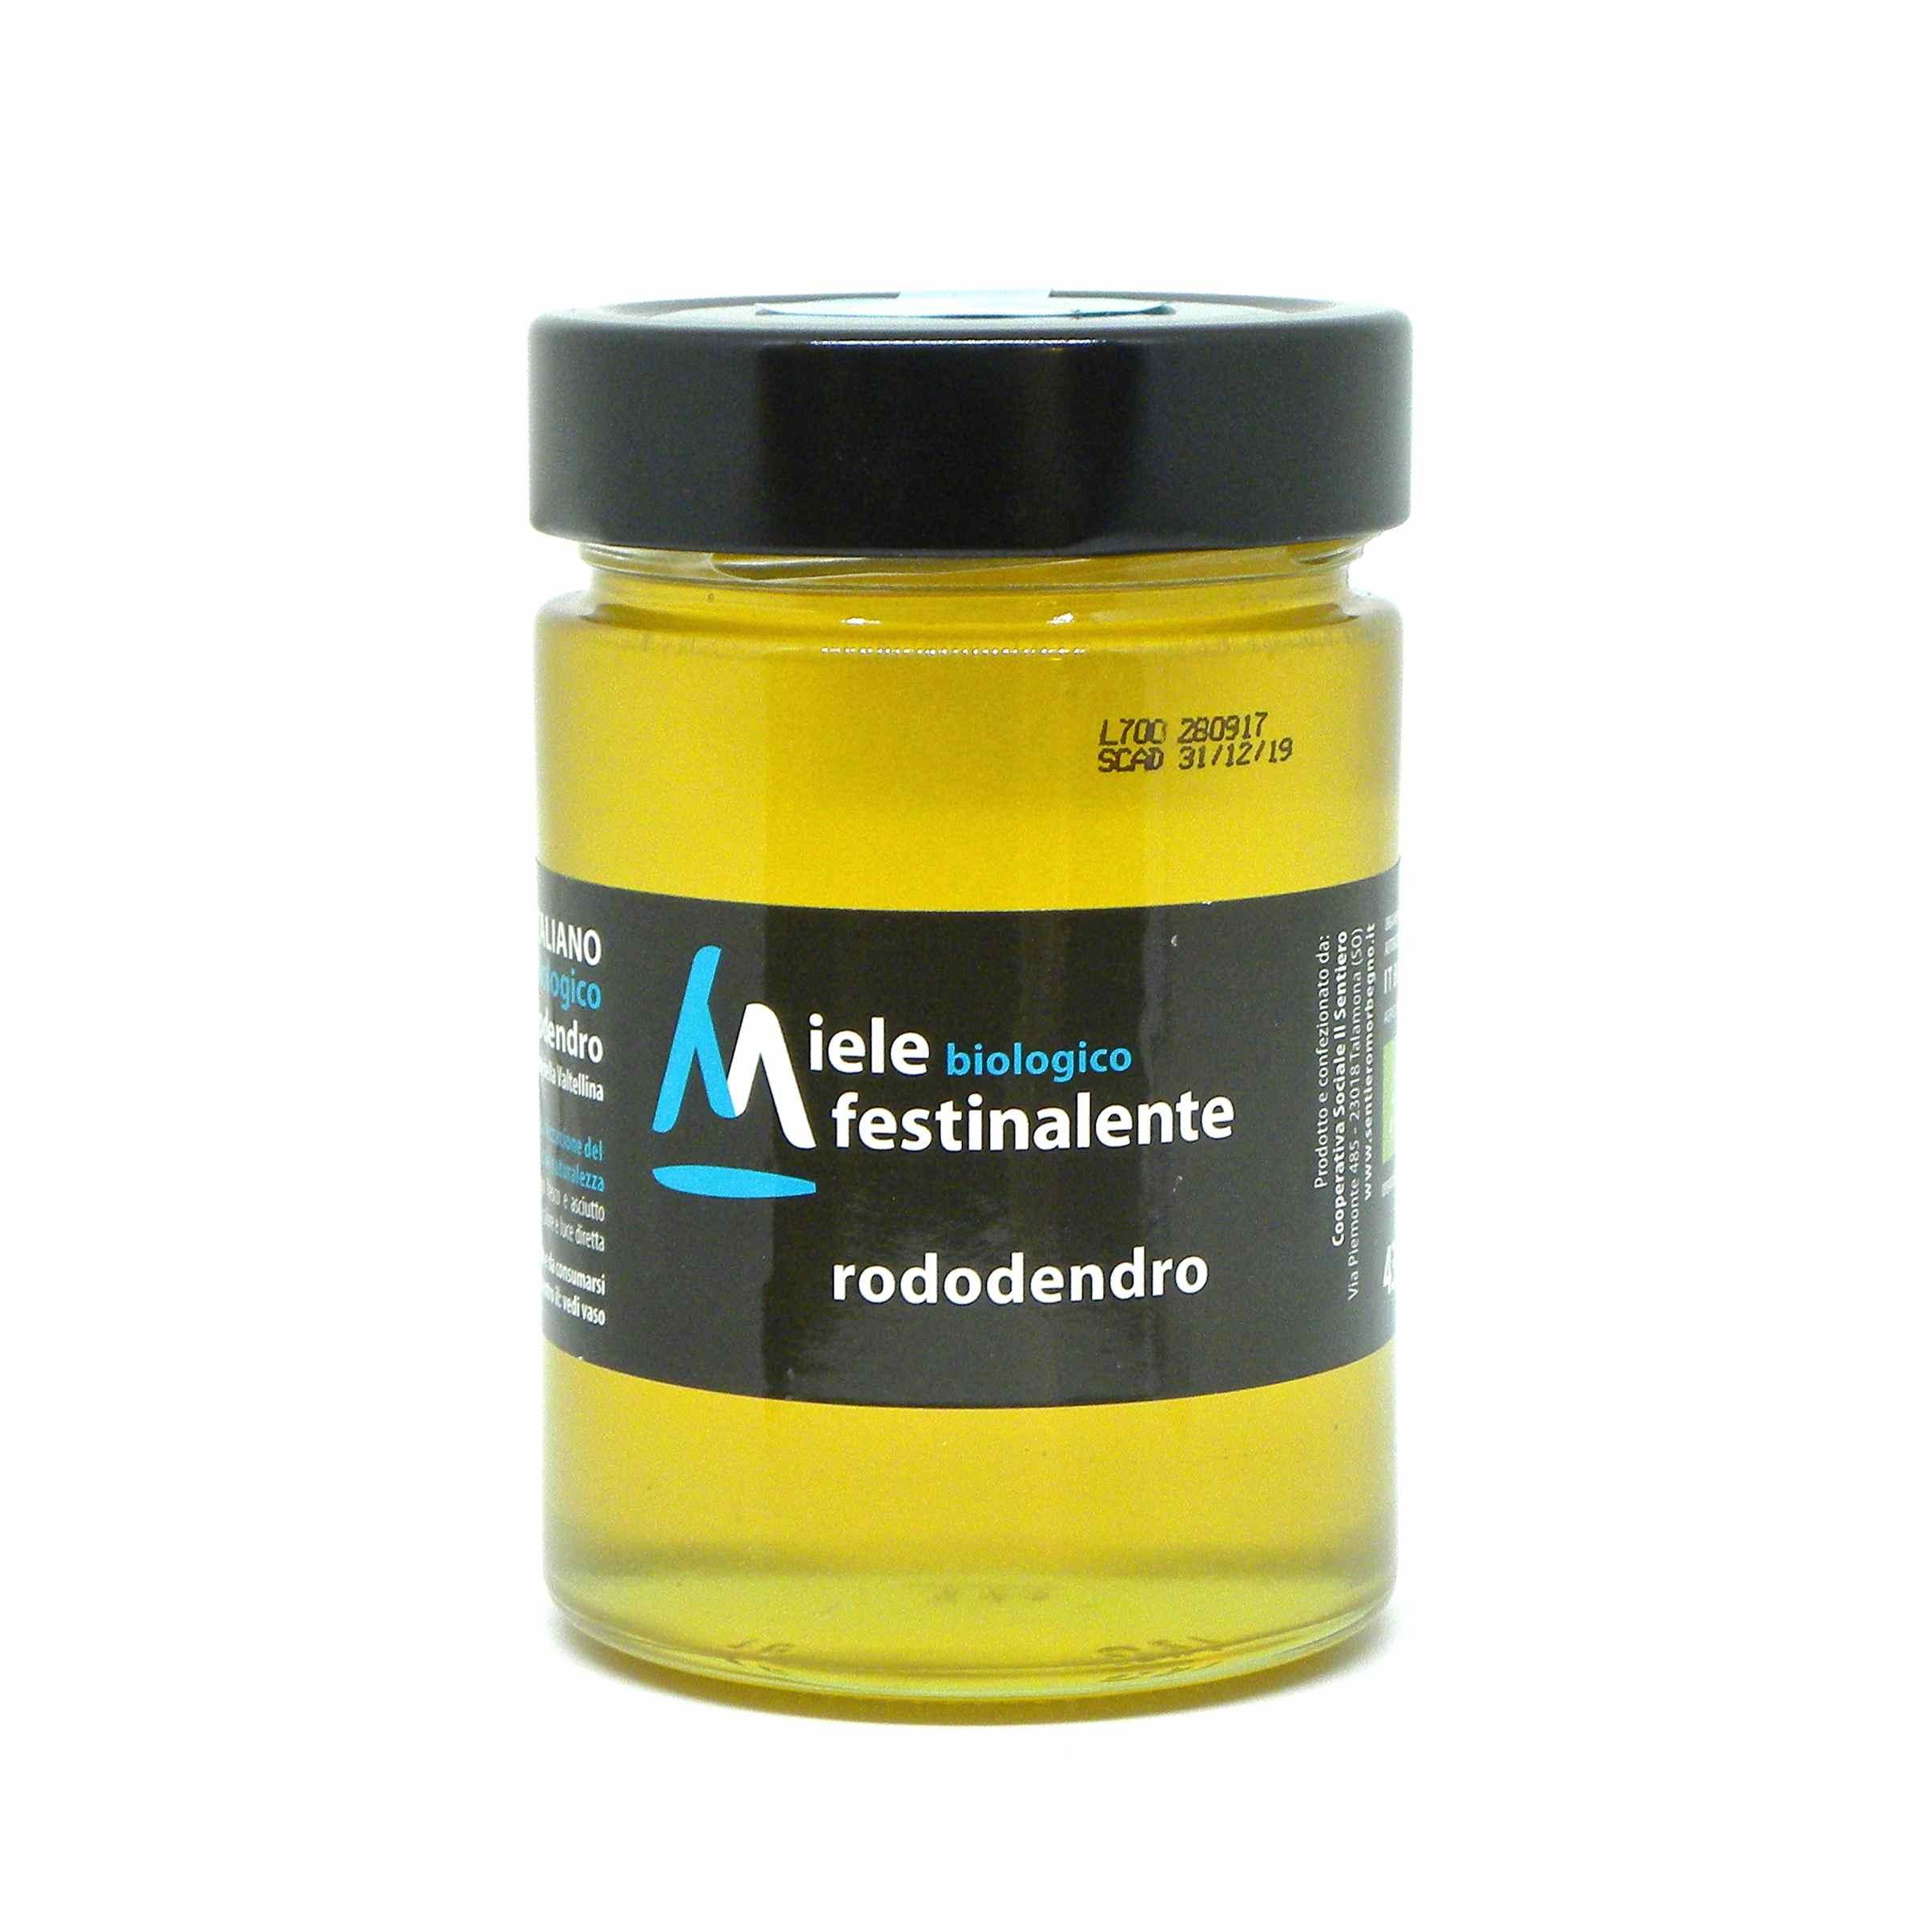 Festinalente miele bio rododendro – Gustorotondo – Italian food boutique